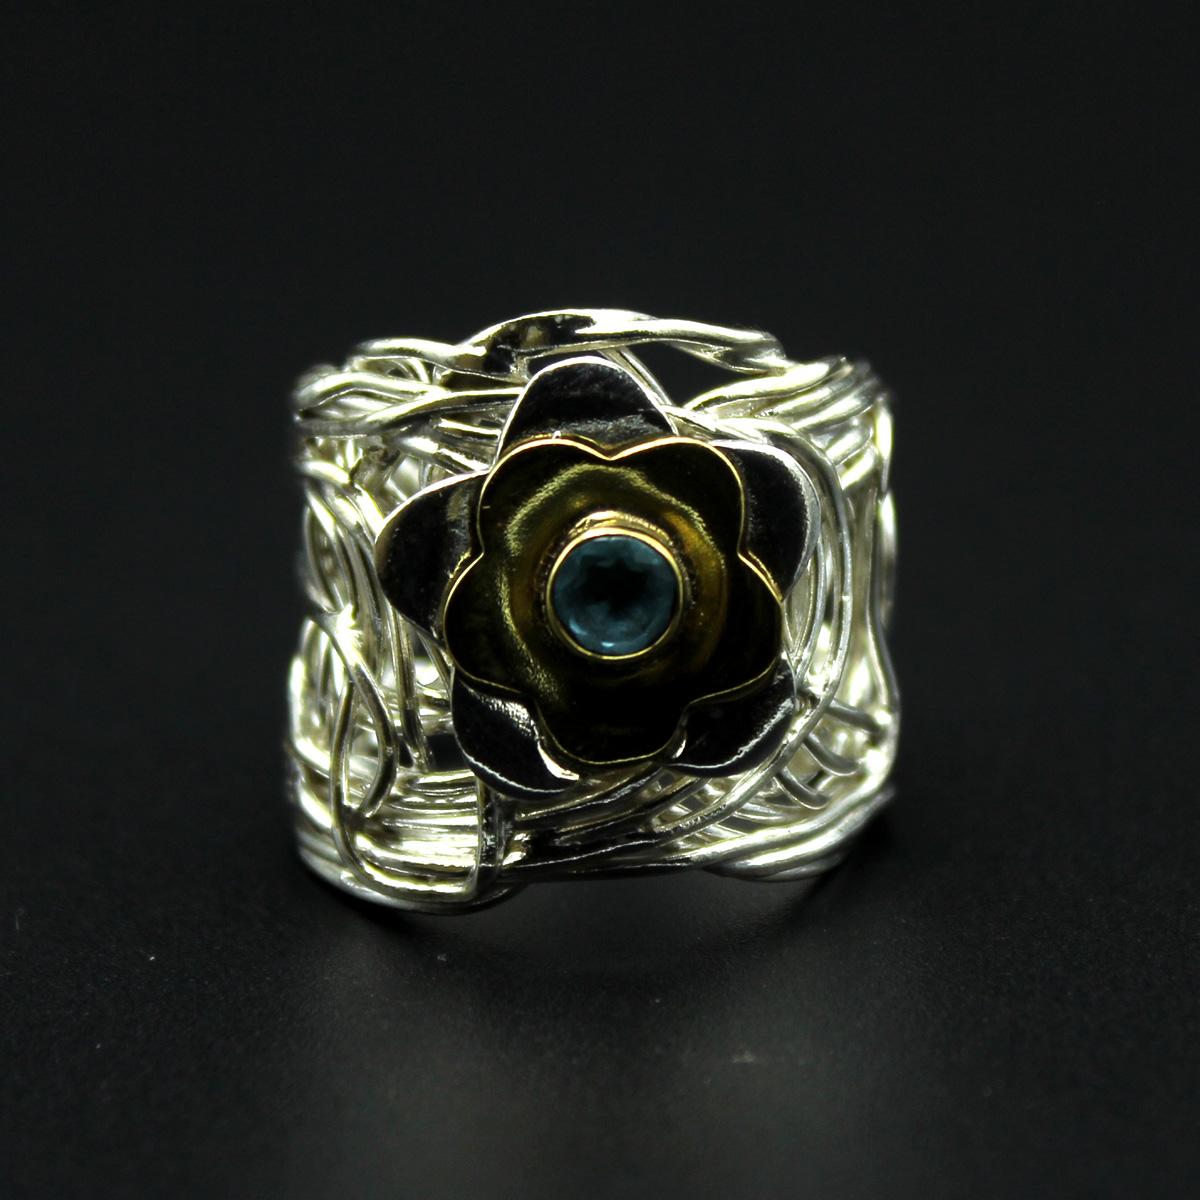 Кольцо, серебро, 8.72 грамм, проба 925, размер 16.5